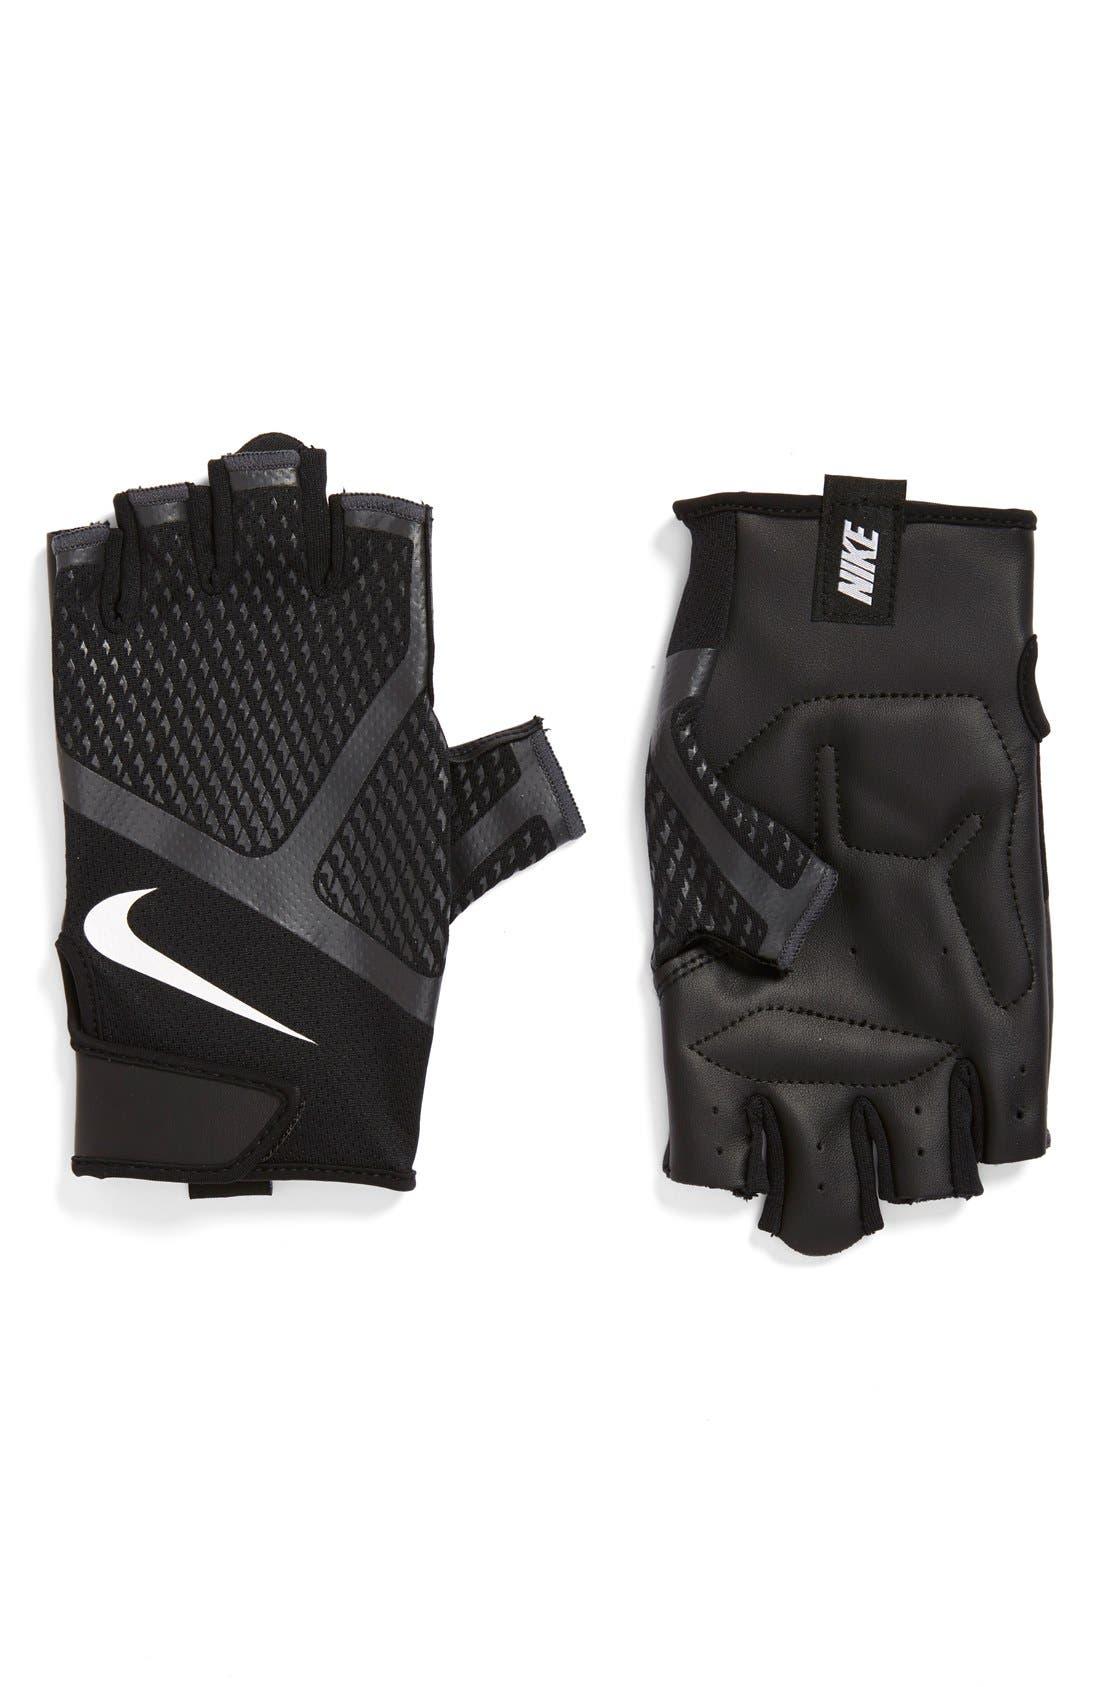 Nike 'Renegade' Fingerless Padded Training Gloves